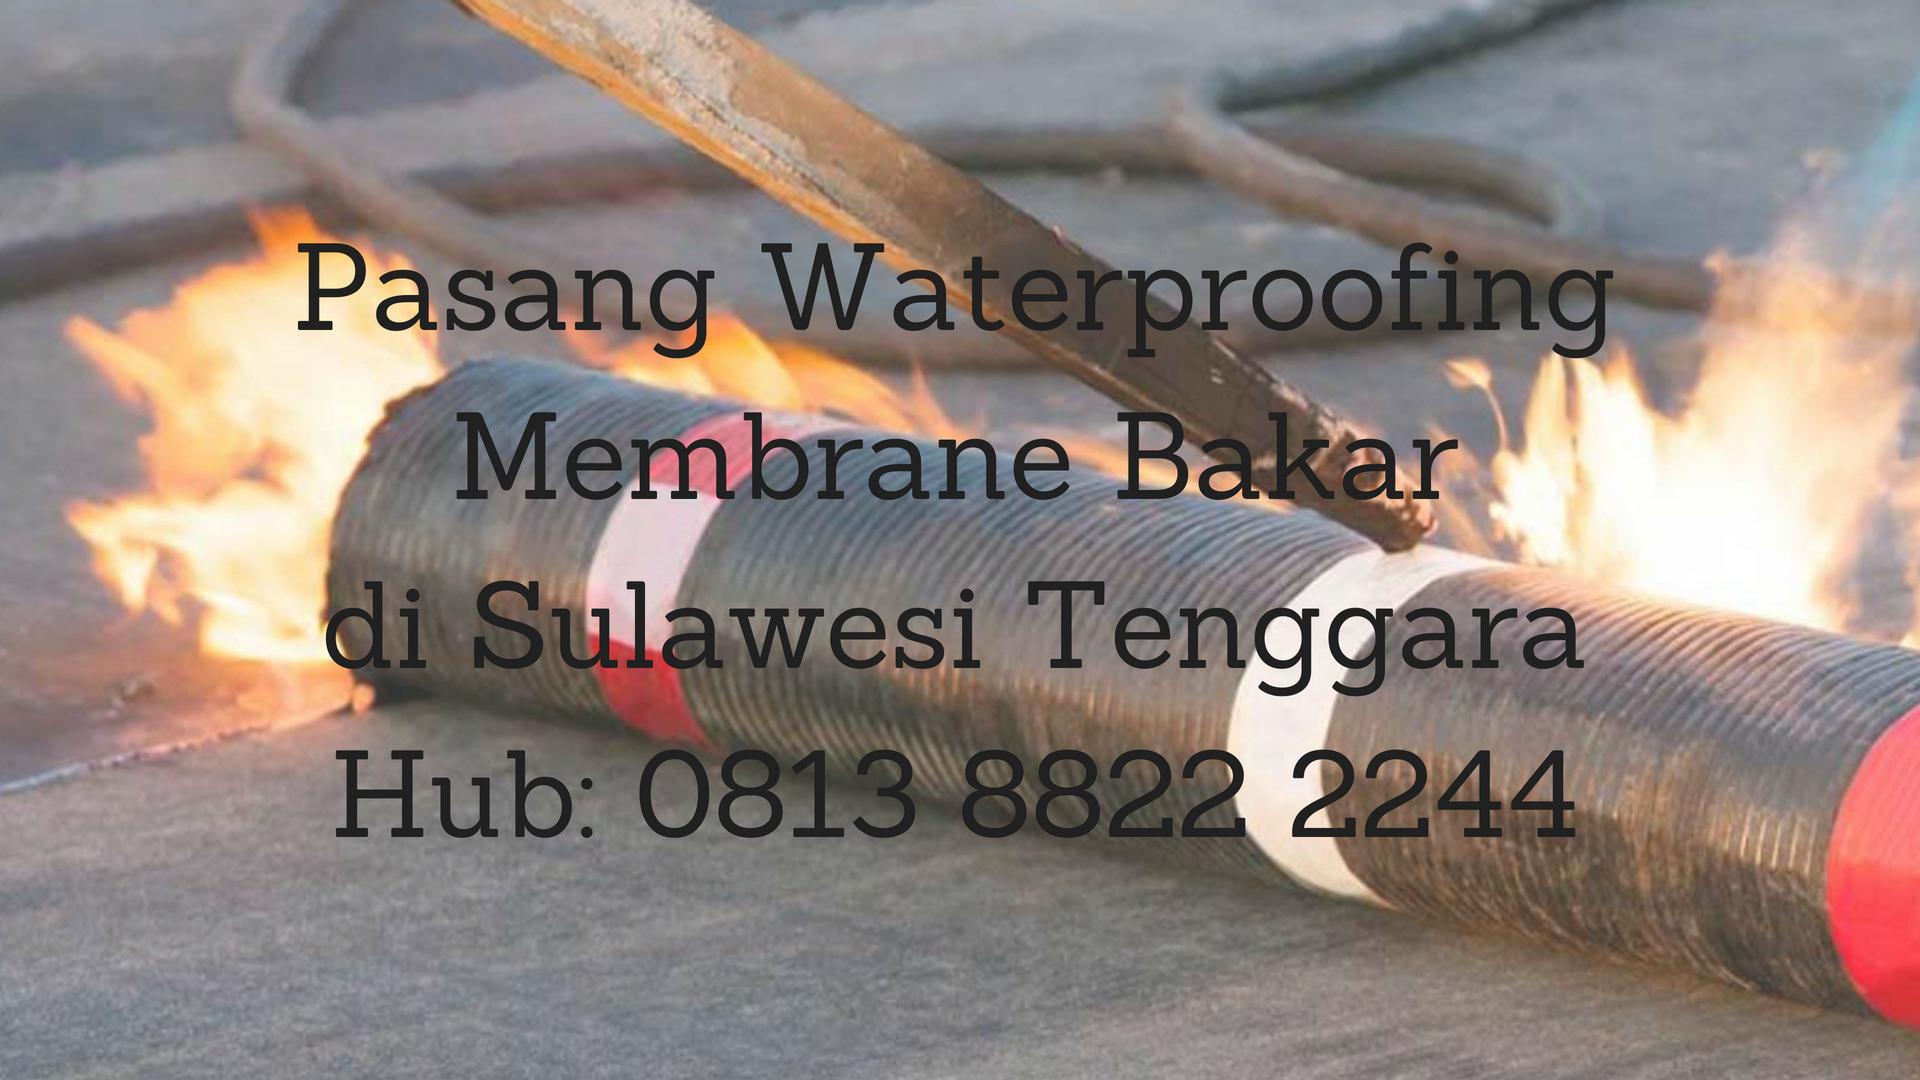 PASANG WATERPROOFING MEMBRANE BAKAR DI SULAWESI TENGGARA.  HUB : 0813 8822 2244